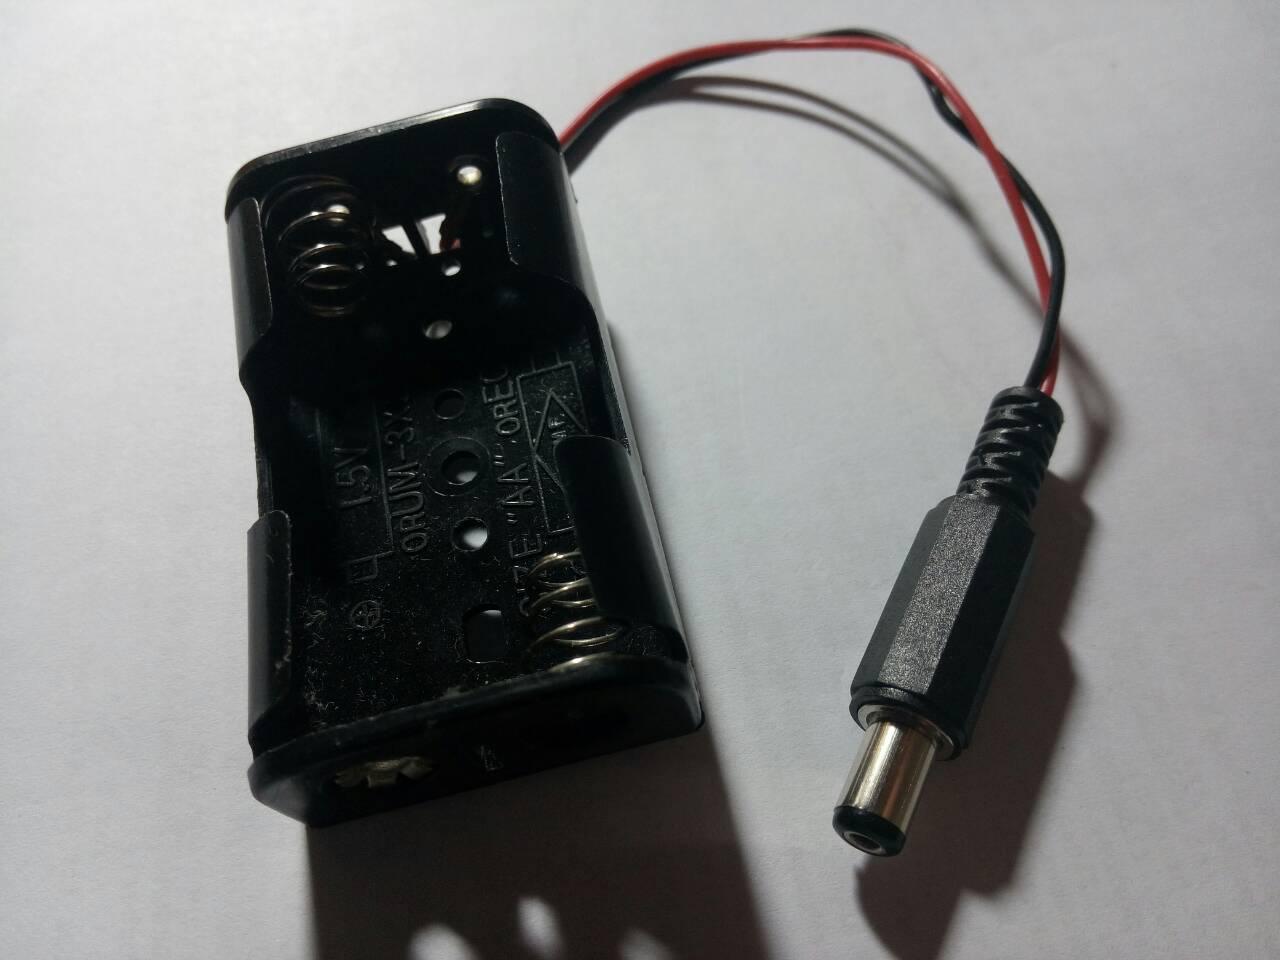 芭蕉葉上聽雨聲: 自製取代9V方形電池的Arduino電源